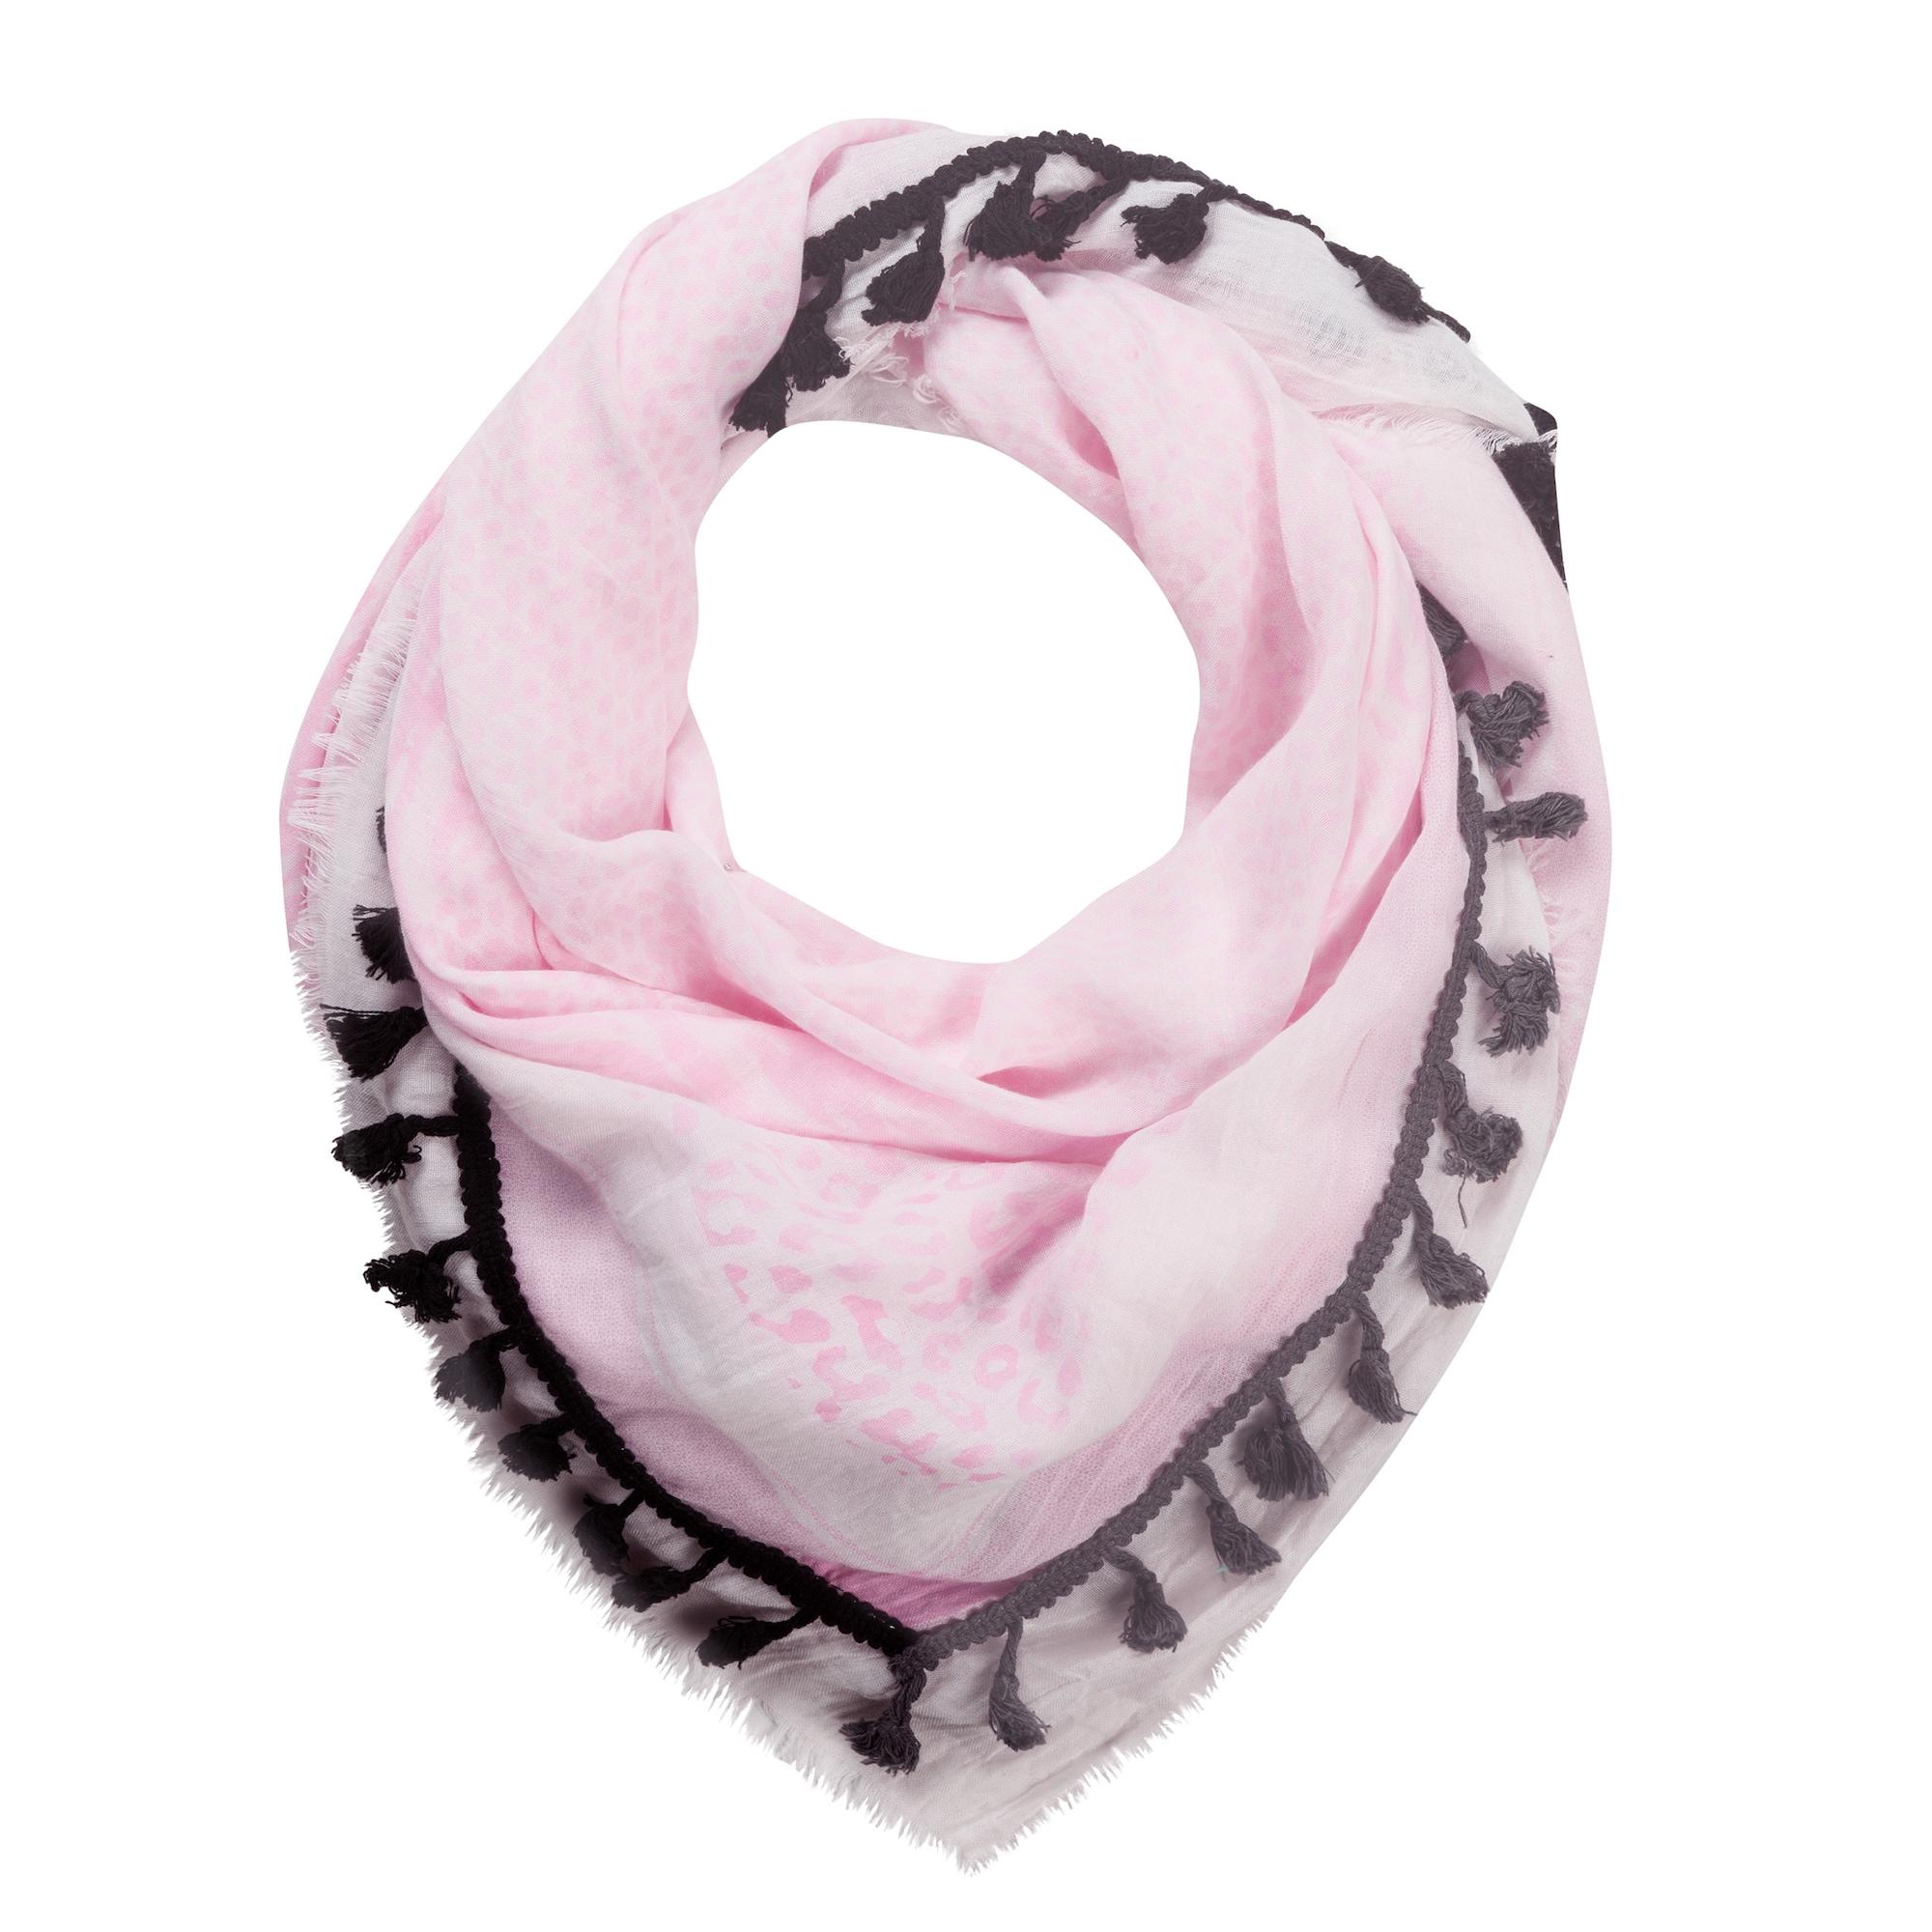 Šátek PALI FUR WOVEN TASSELS růžová tmavě růžová černá CODELLO